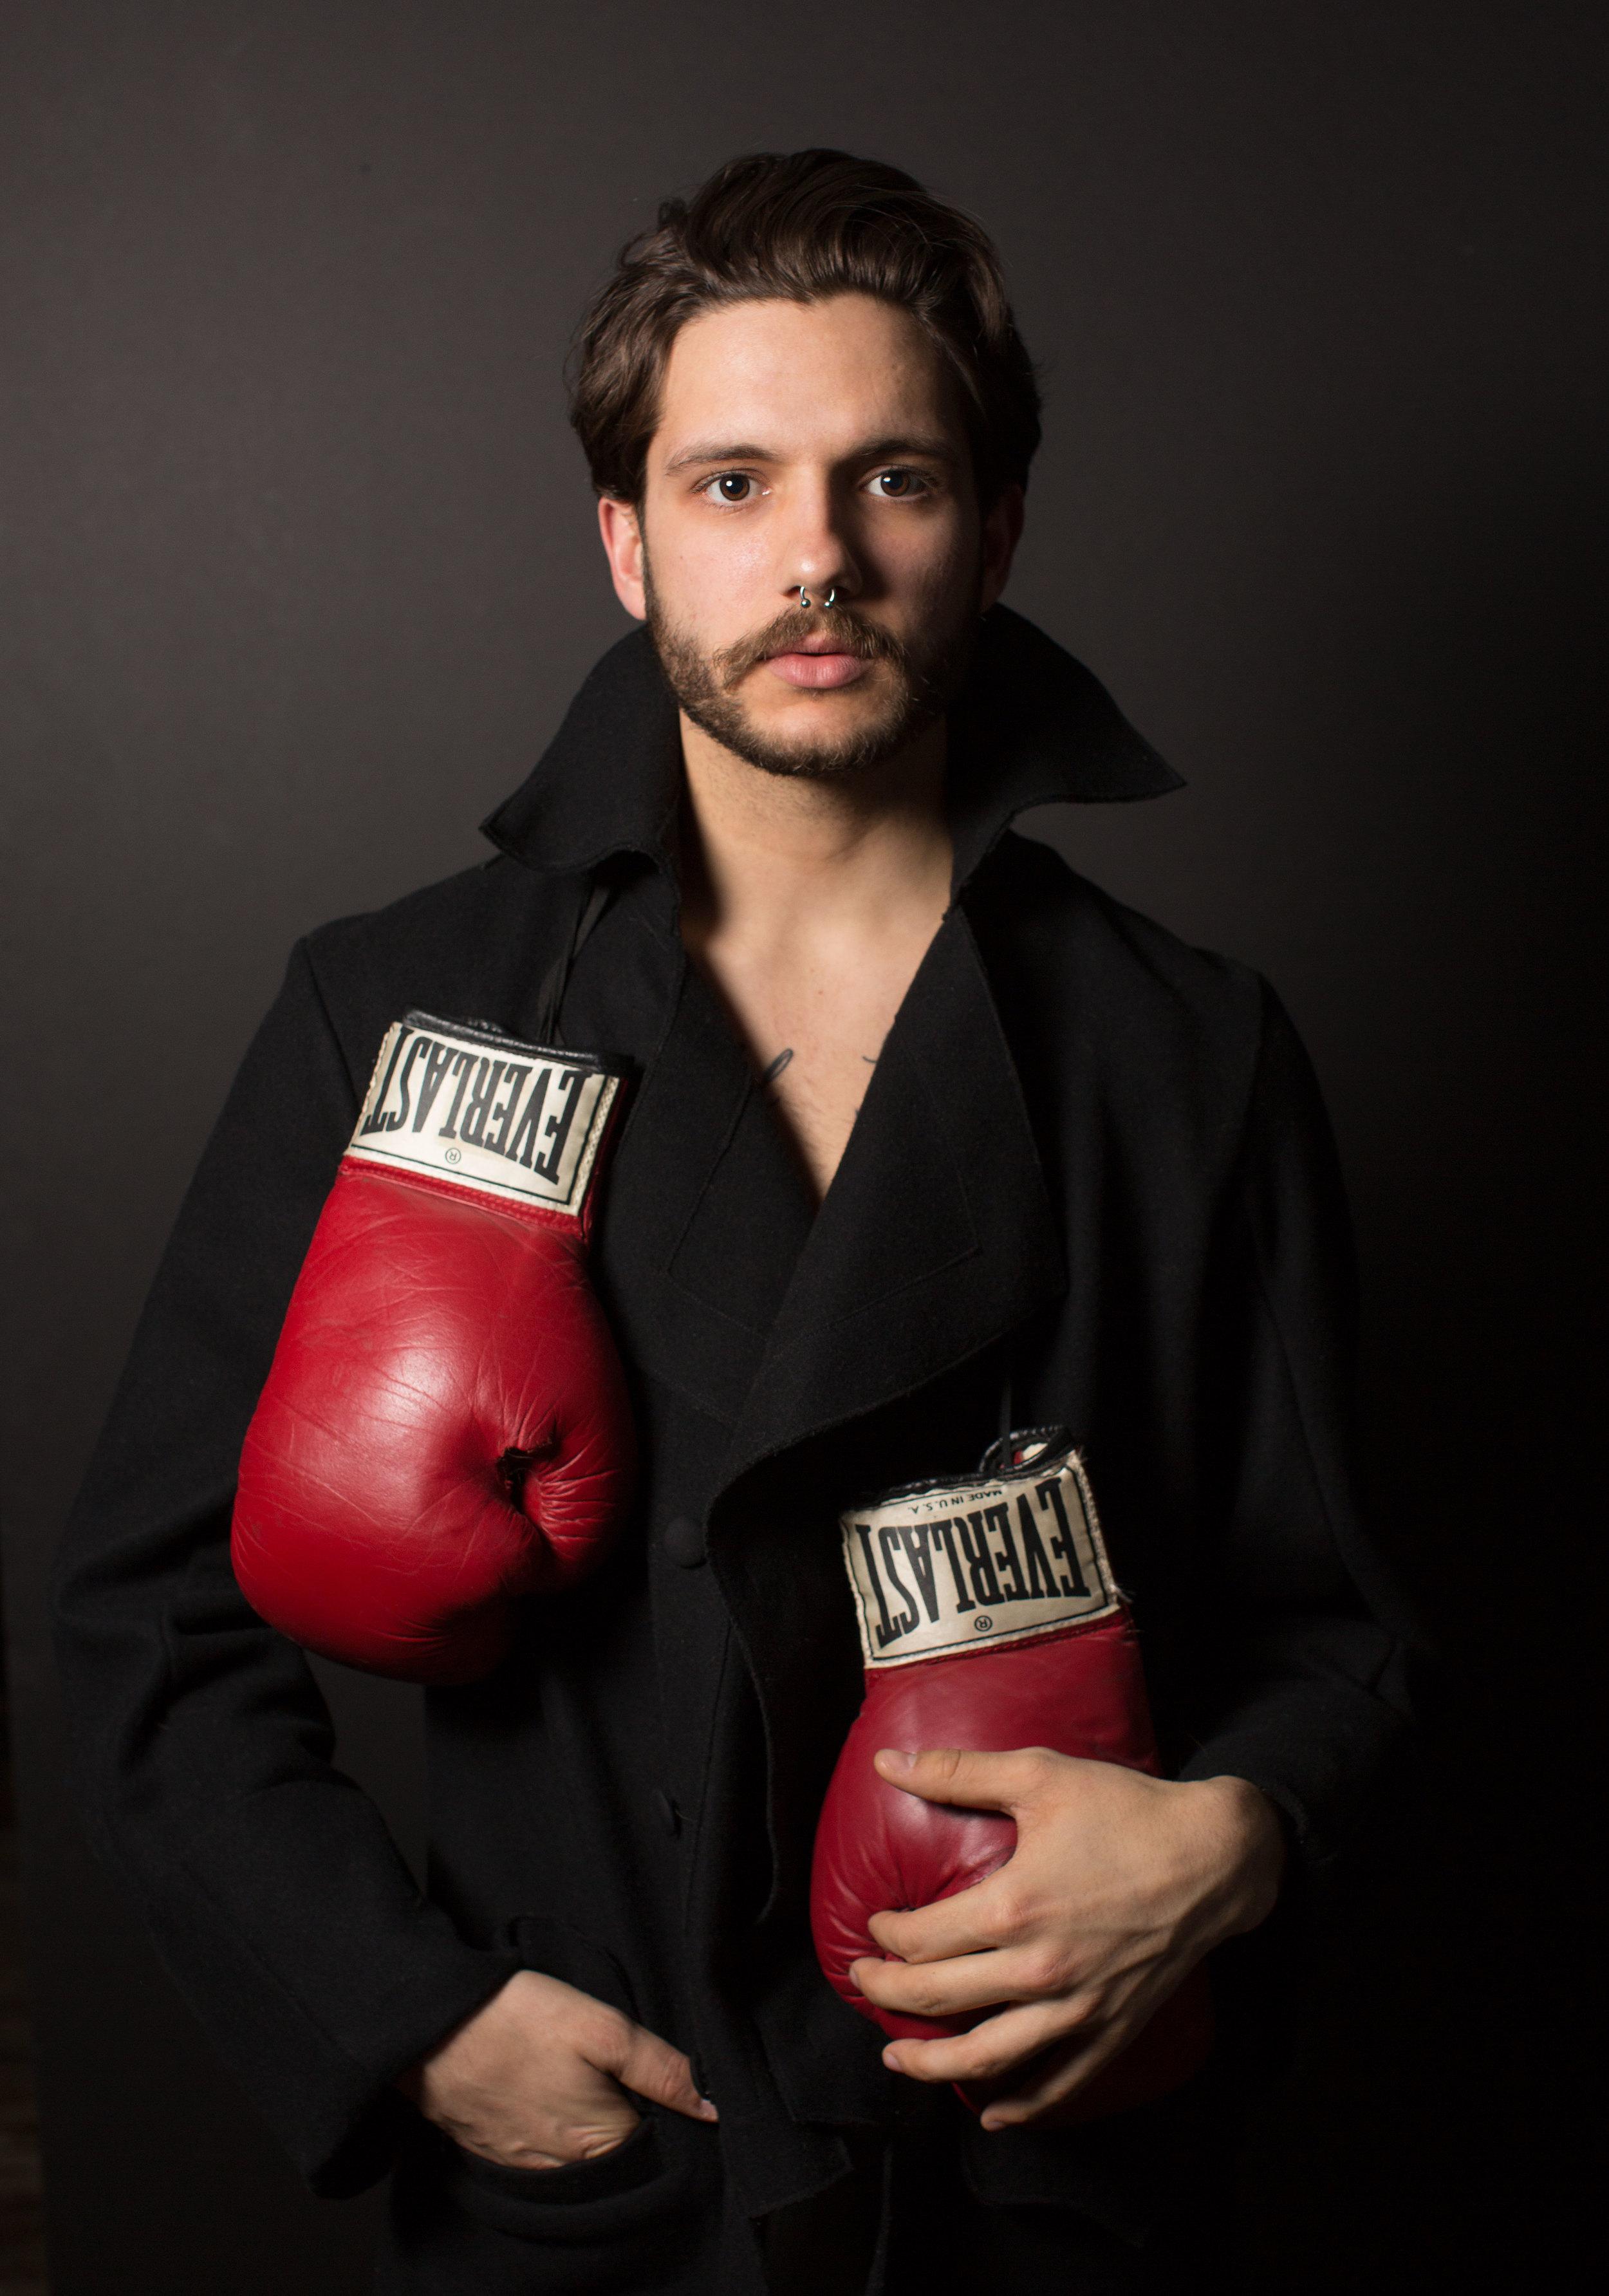 Blake_boxing_1_web.jpg